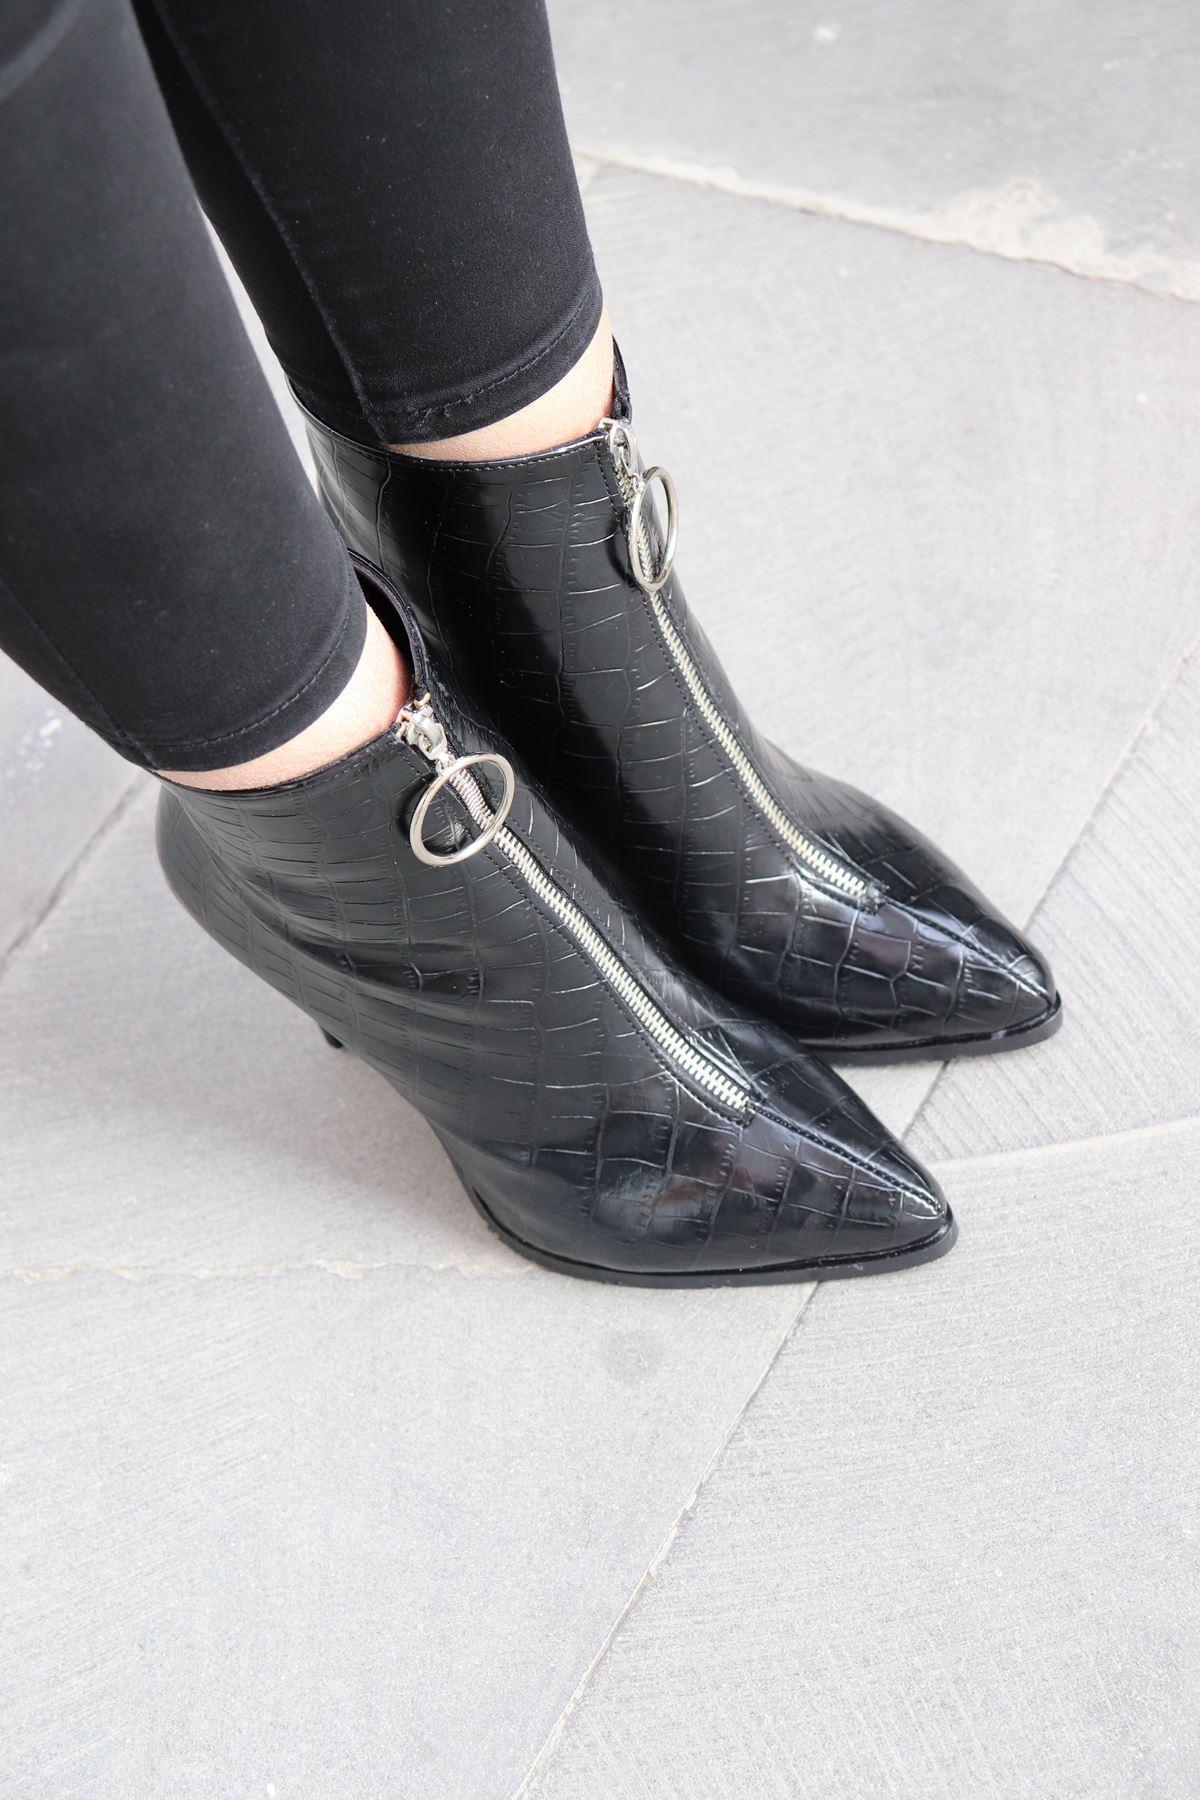 Trendayakkabı - Siyah Rugan Önden Fermuarlı Kadın Bot